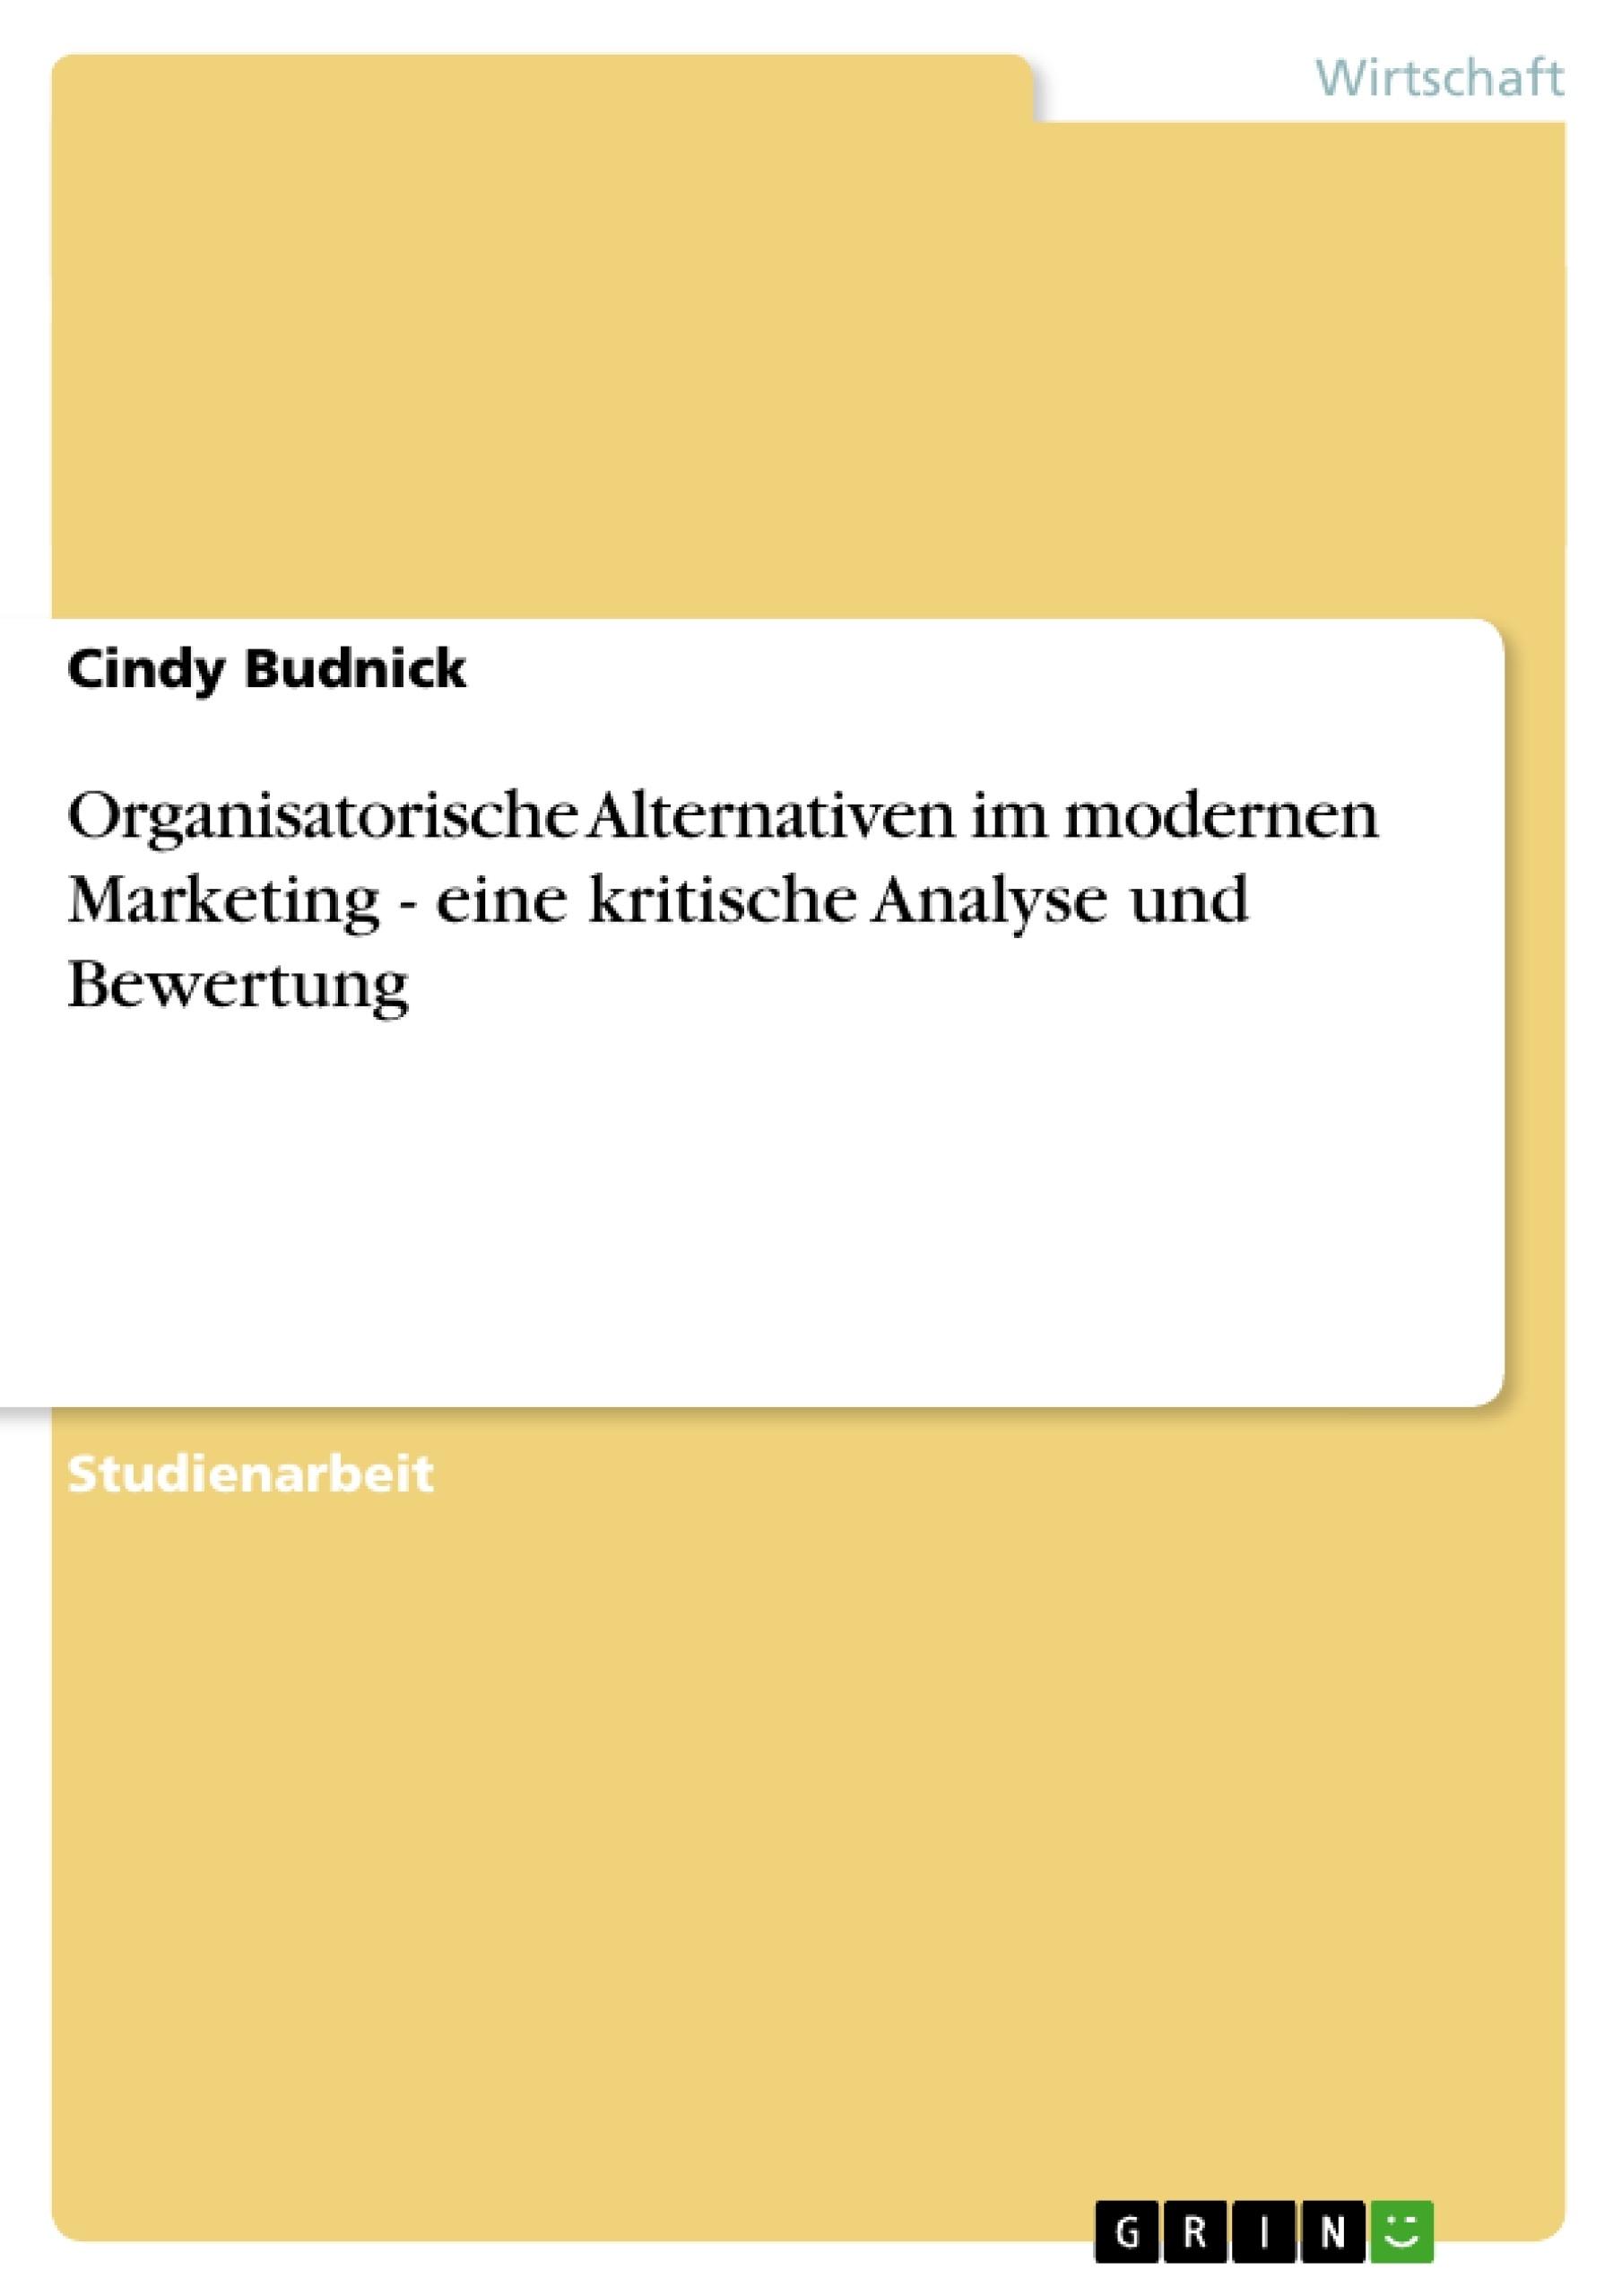 Titel: Organisatorische Alternativen im modernen Marketing - eine kritische Analyse und Bewertung